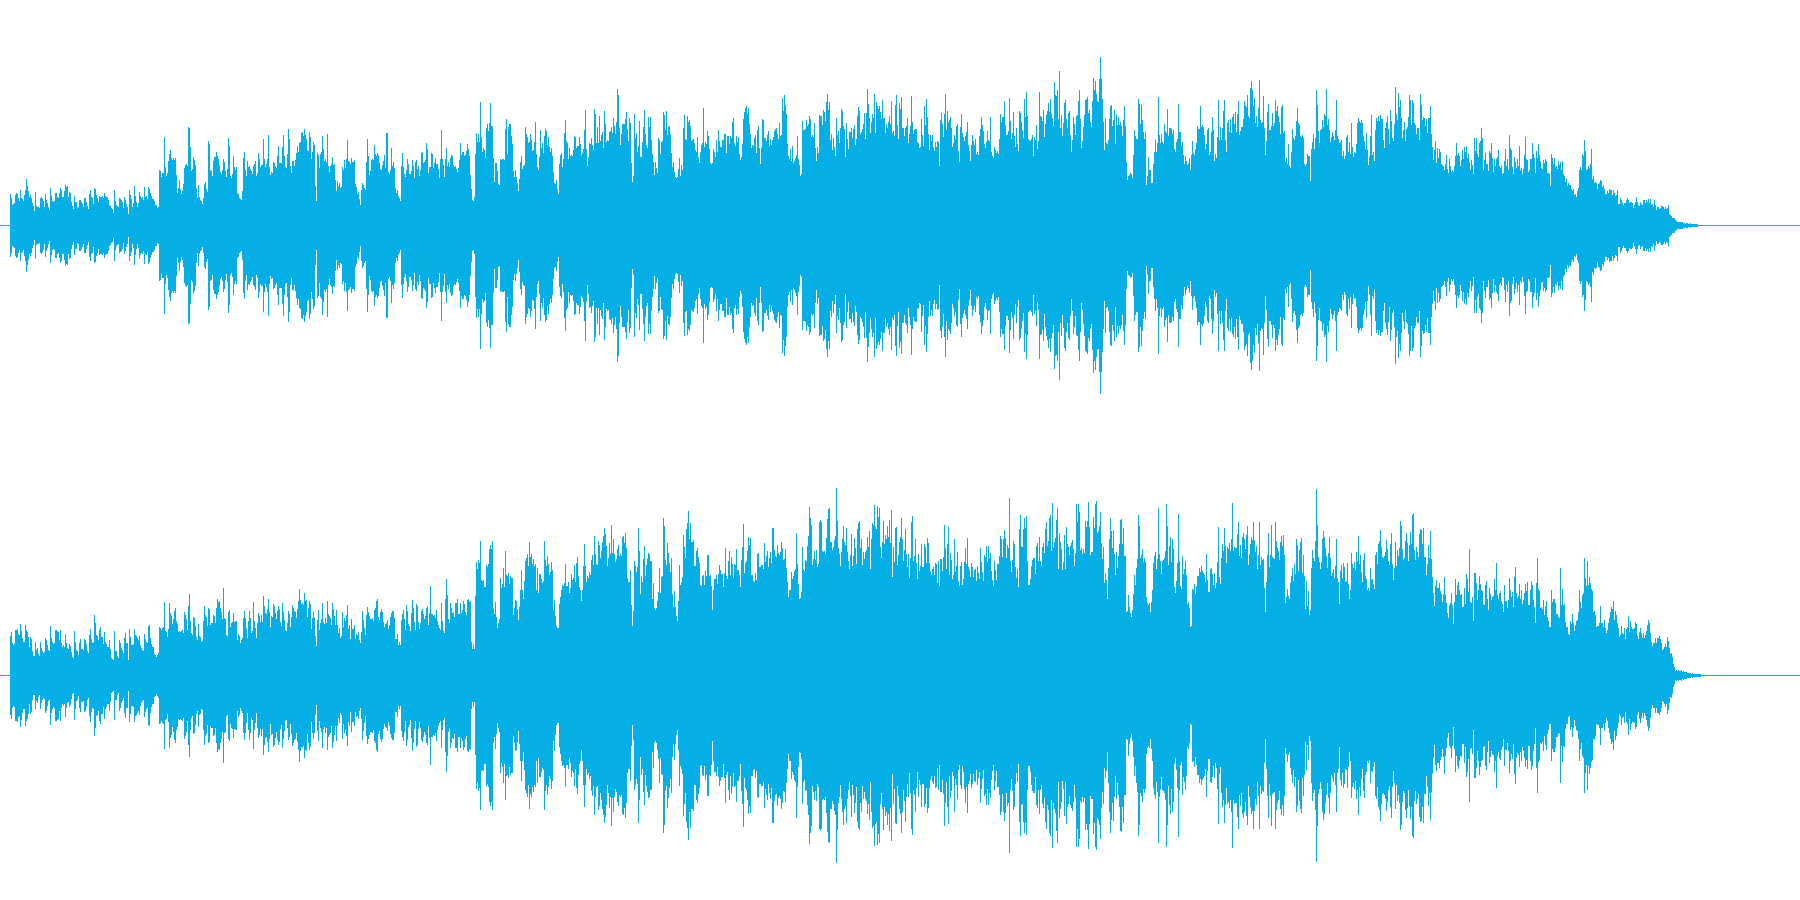 ギターの音が少しなつかしいテイストの再生済みの波形